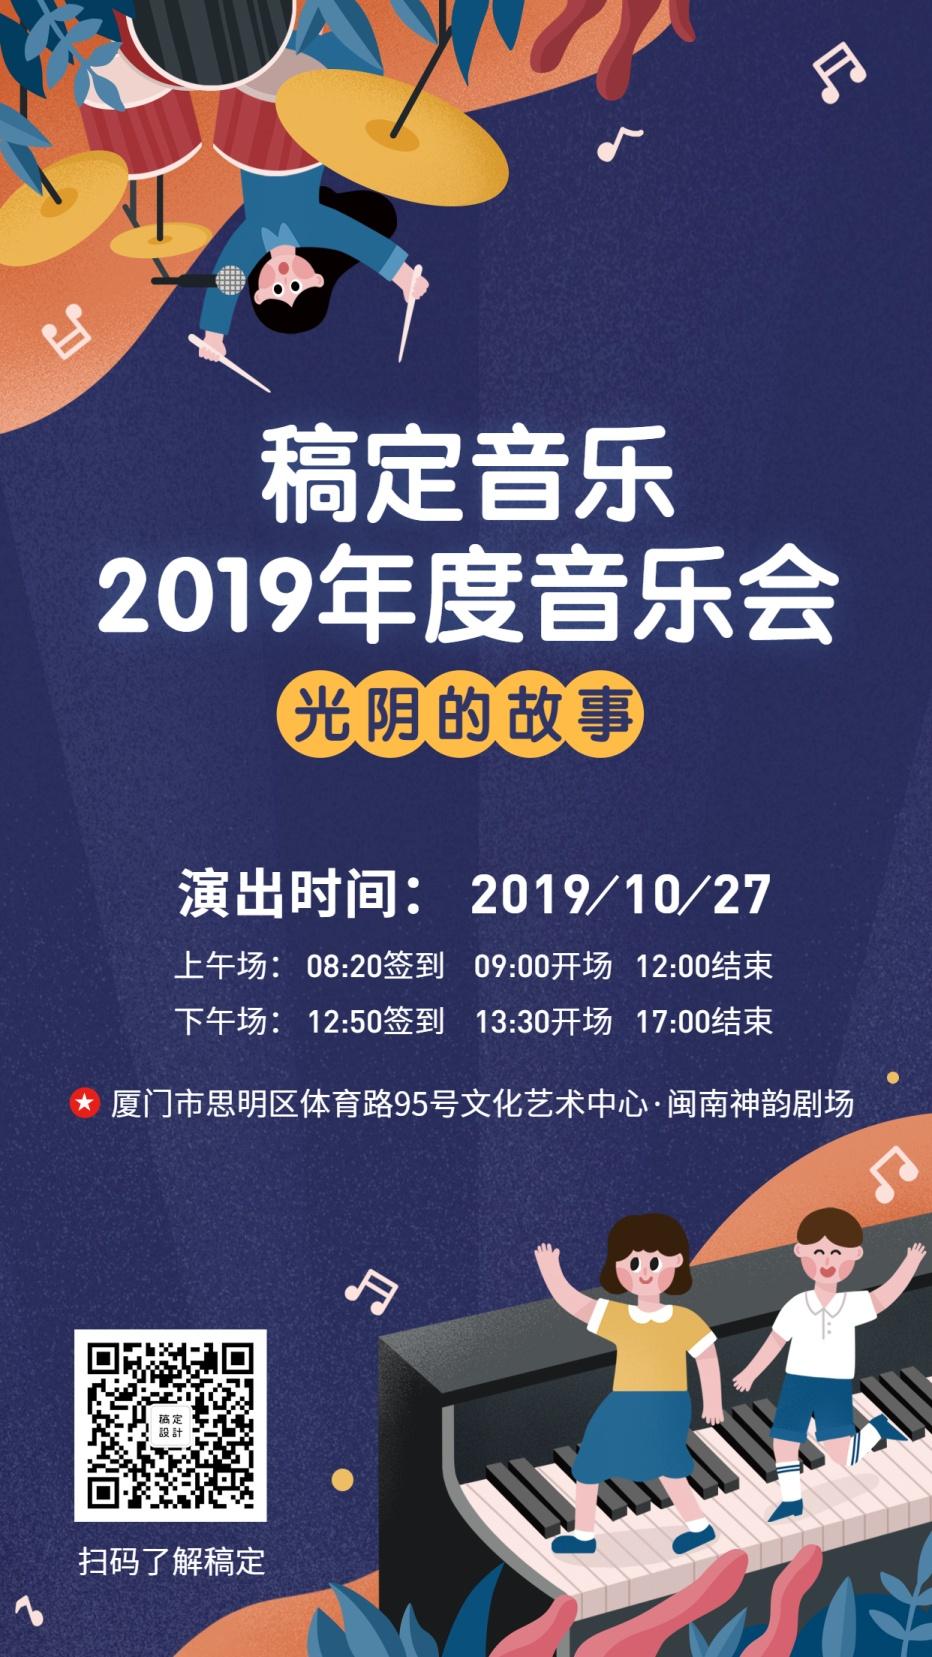 音乐会宣传童趣插画风格手机海报